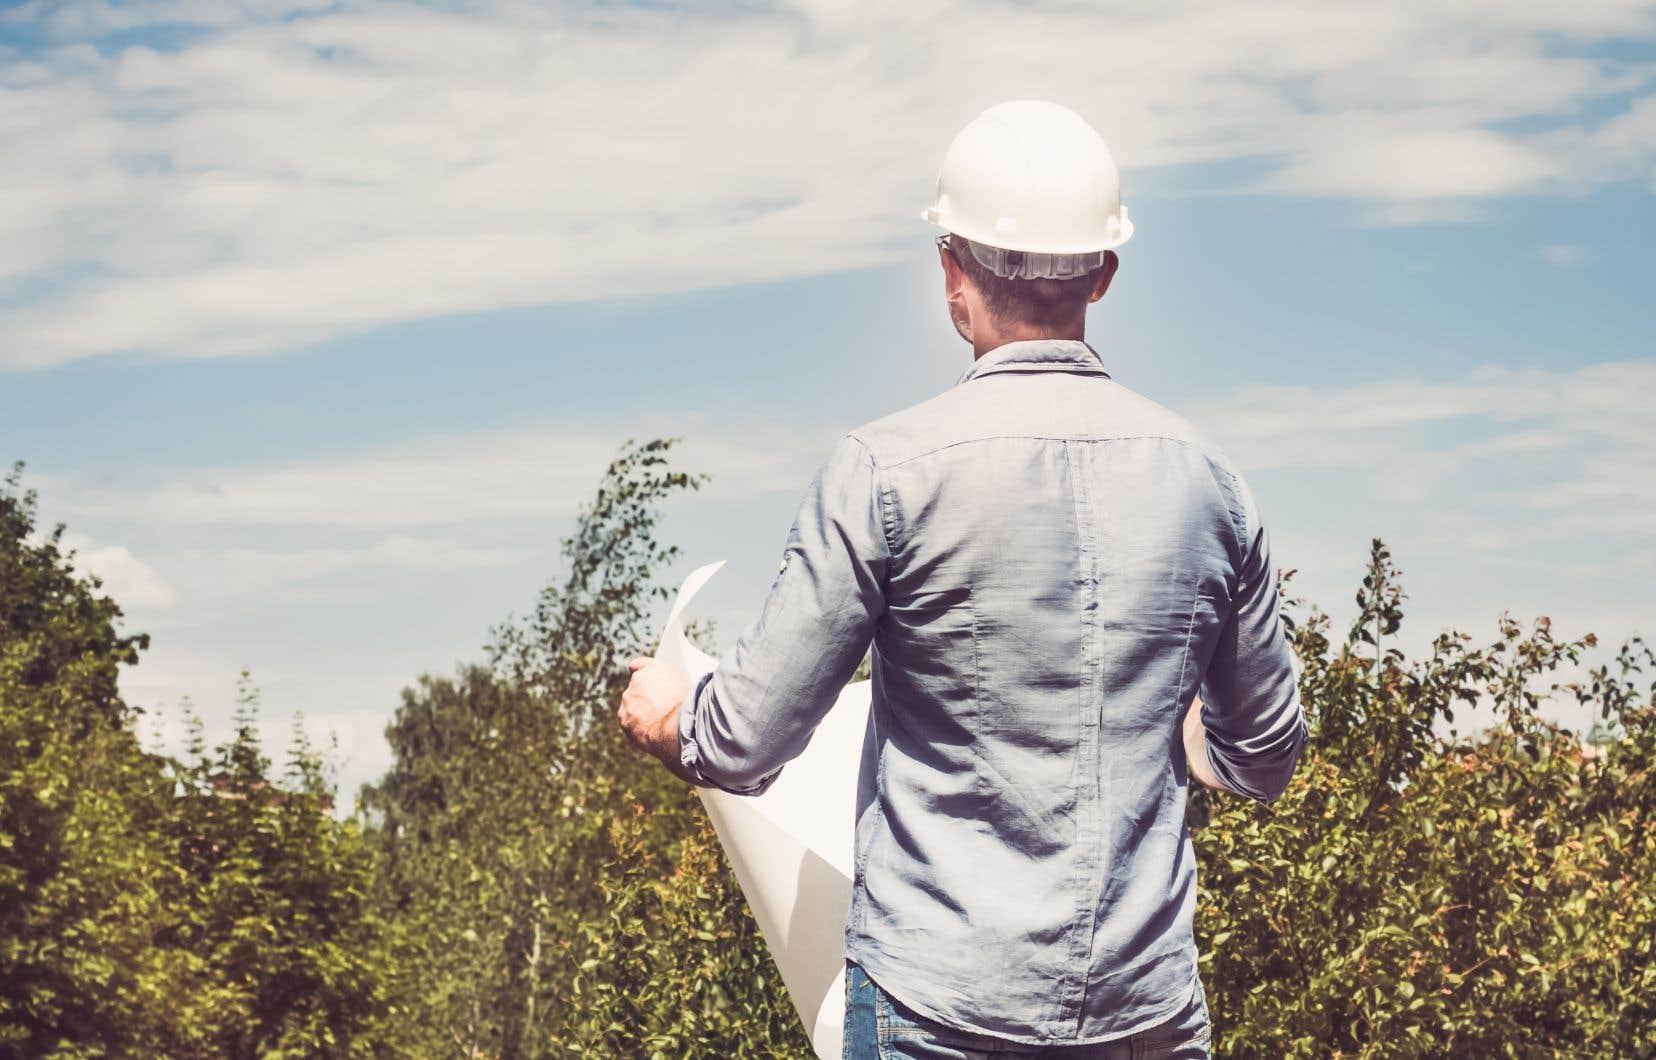 Les secteurs où un ingénieur est susceptible d'exercer sont si nombreux que tant l'étudiant passionné de tout que celui qui cherche encore sa voie peuvent facilement être pris de vertiges.